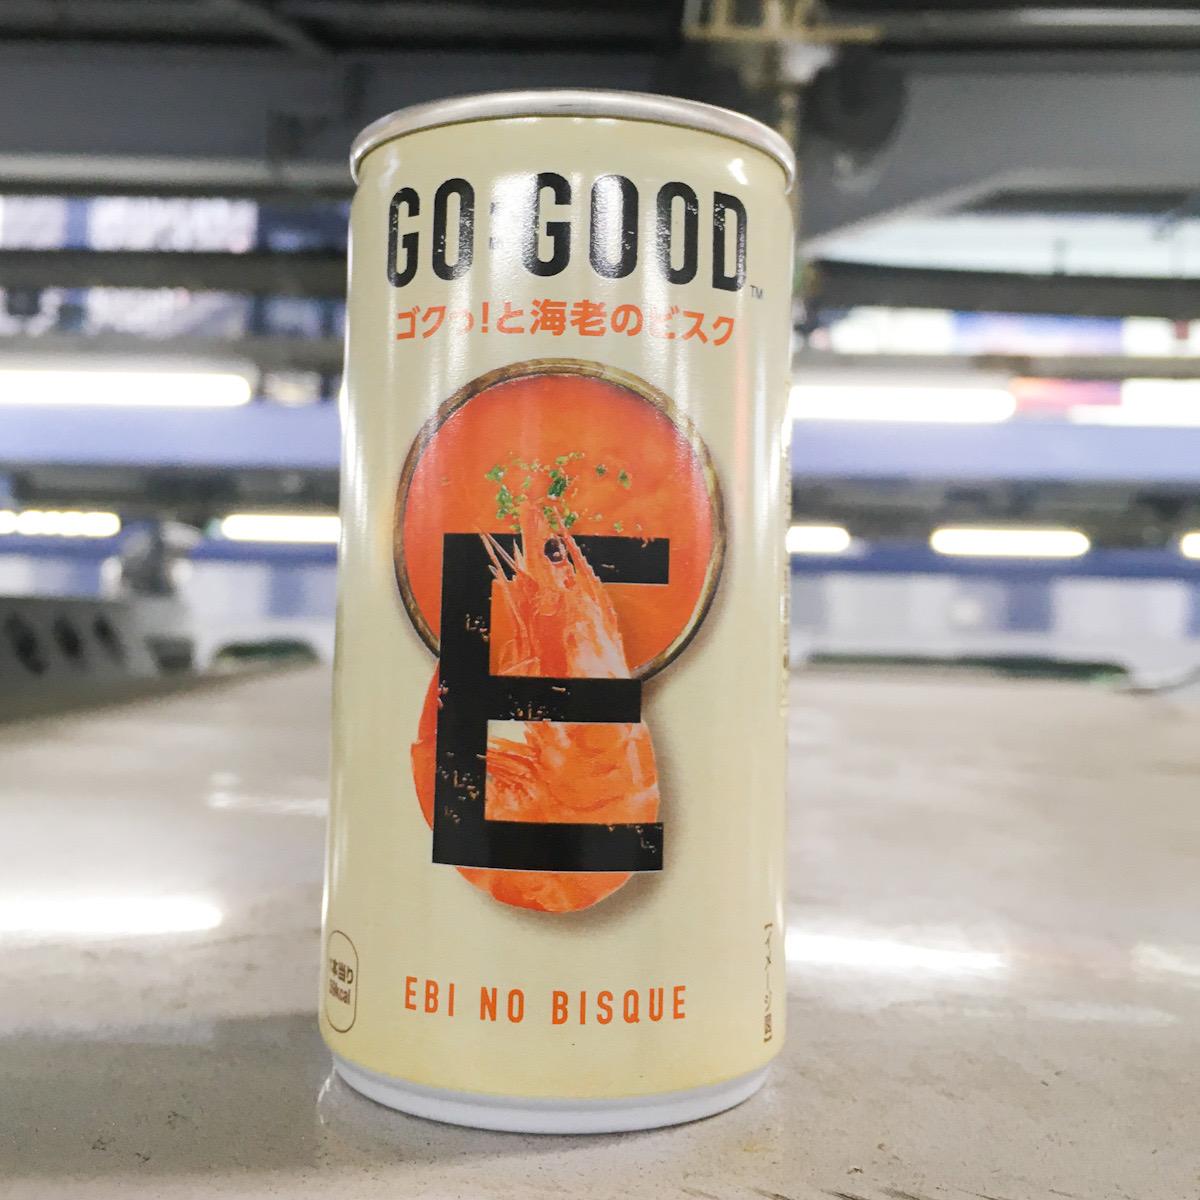 駅の自販機で買う不思議なスープ缶「GO GOOD  ゴクっ!と海老のビスク」